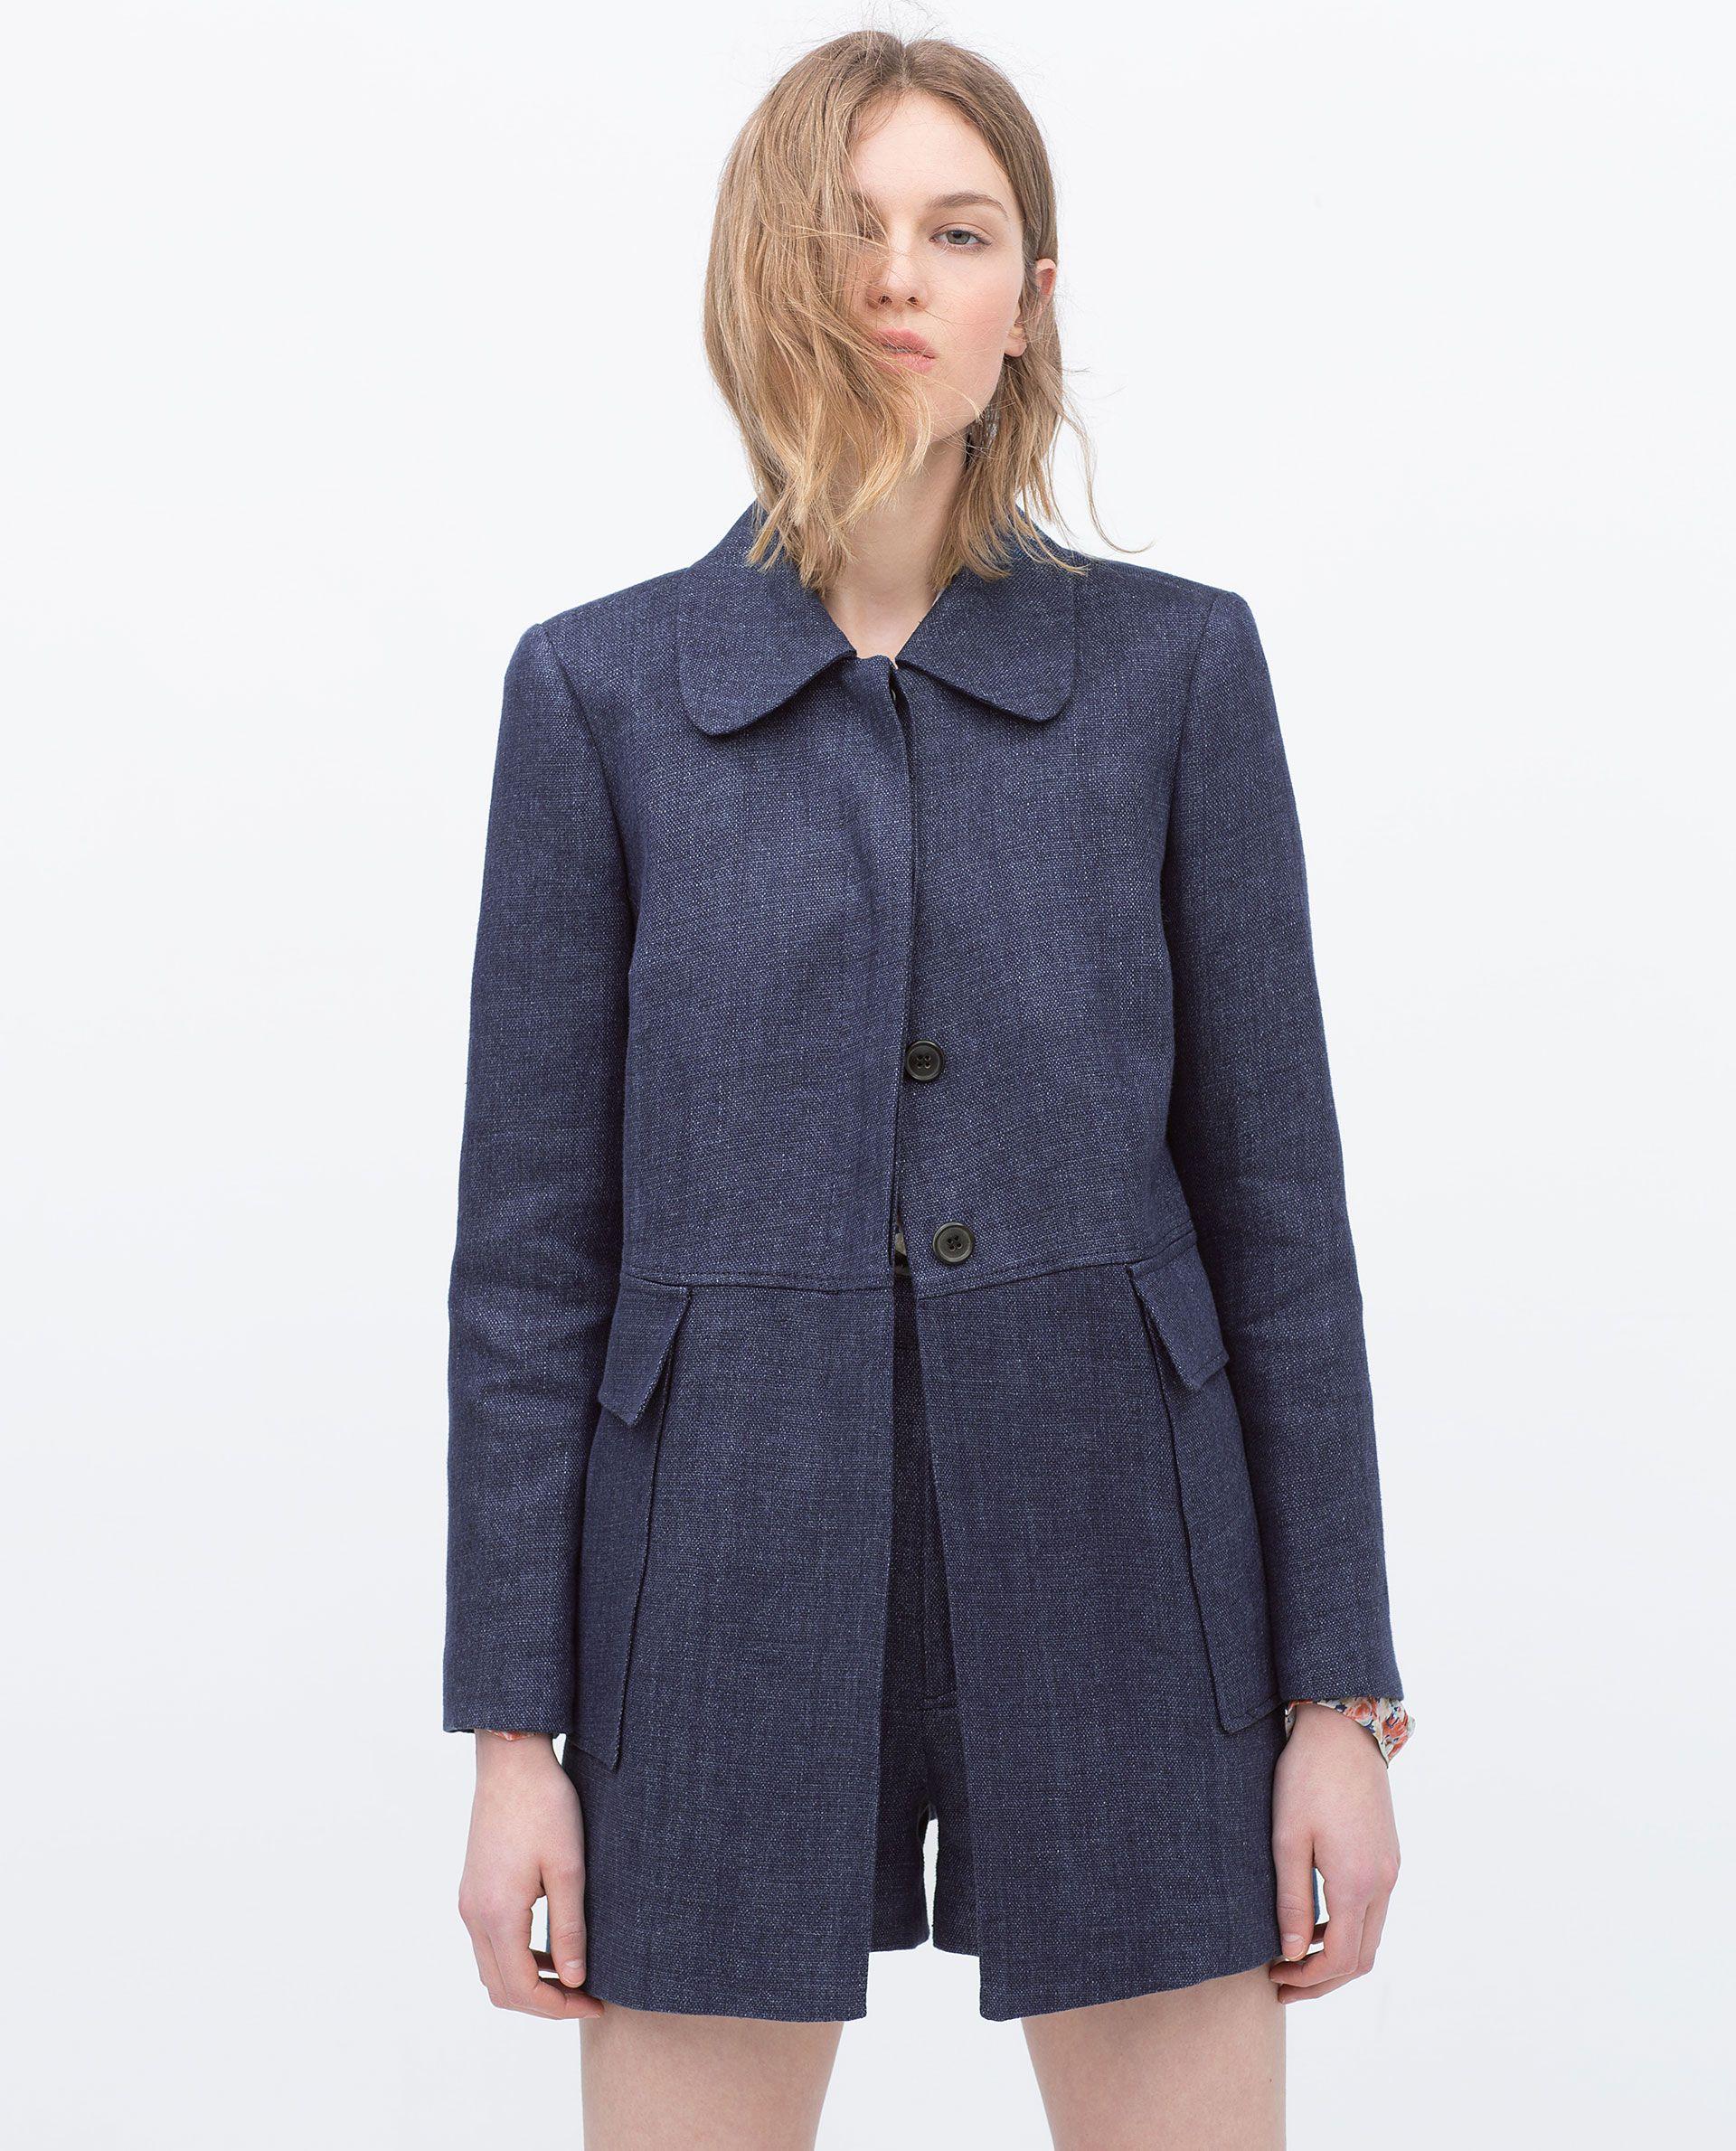 Visualizza Colletto Con Tutto Zara Donna Cappotto Cappotti Egpqgn